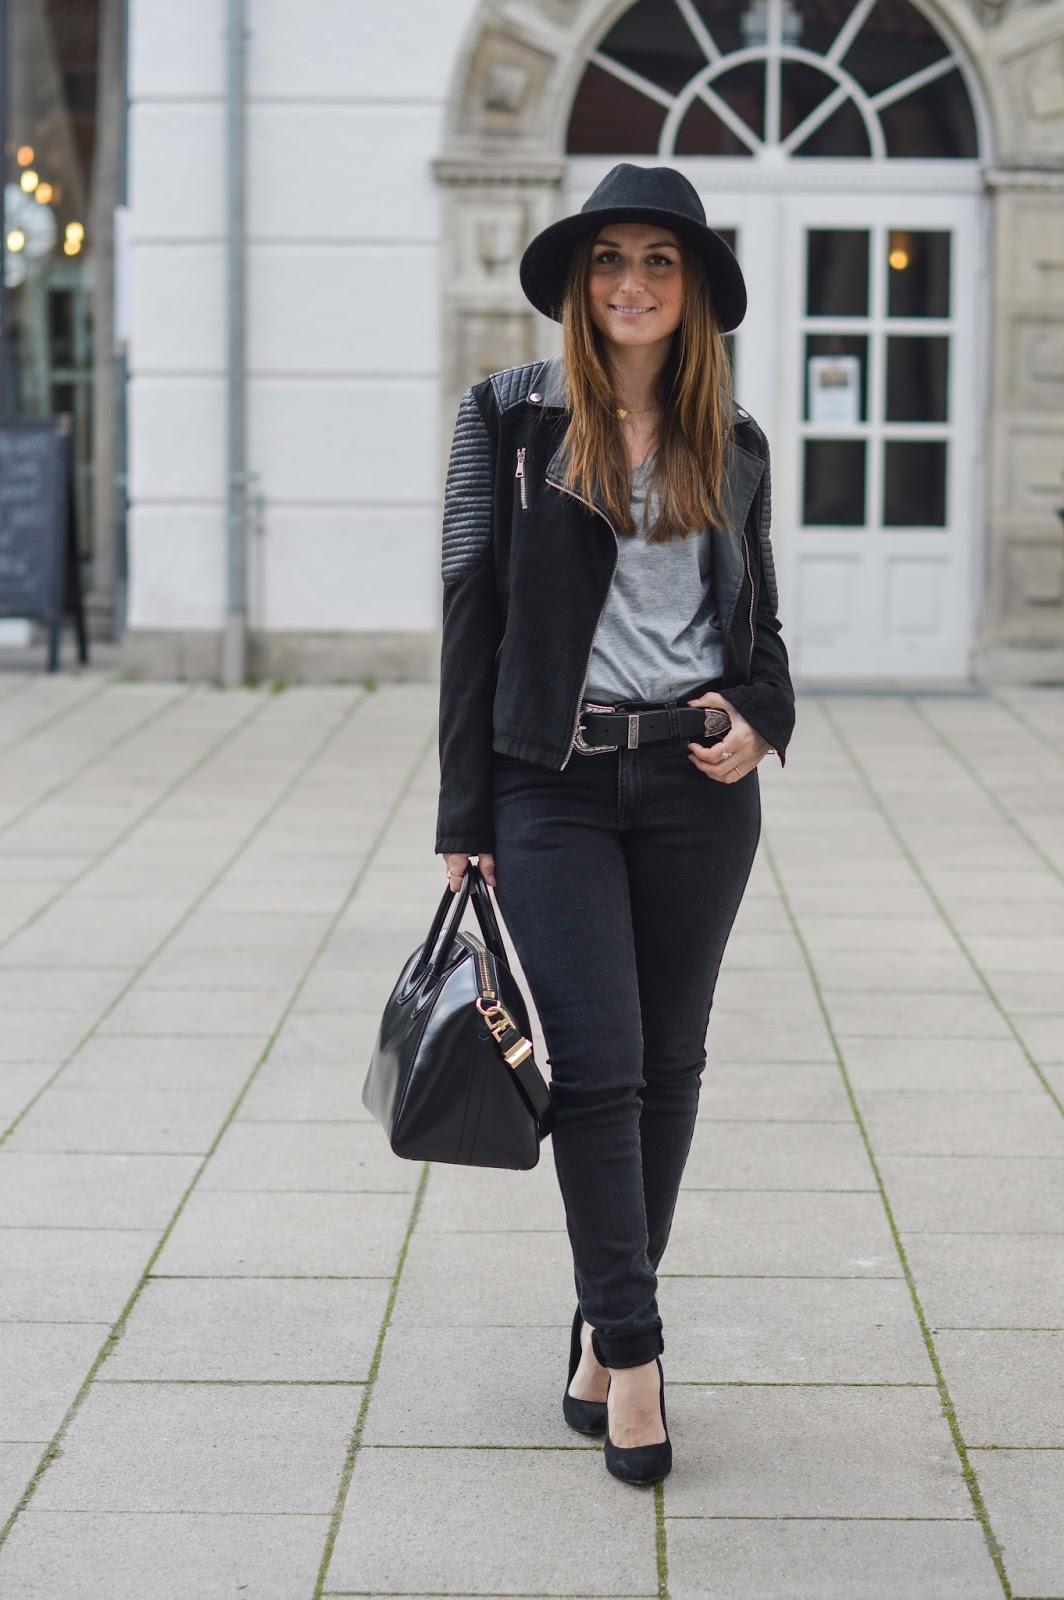 About You - AboutYou - Instyle - Instyle Magazin -Western Gürtel und High Waist Jeans - German Fashionblogger - Deutsche Fashionblogger